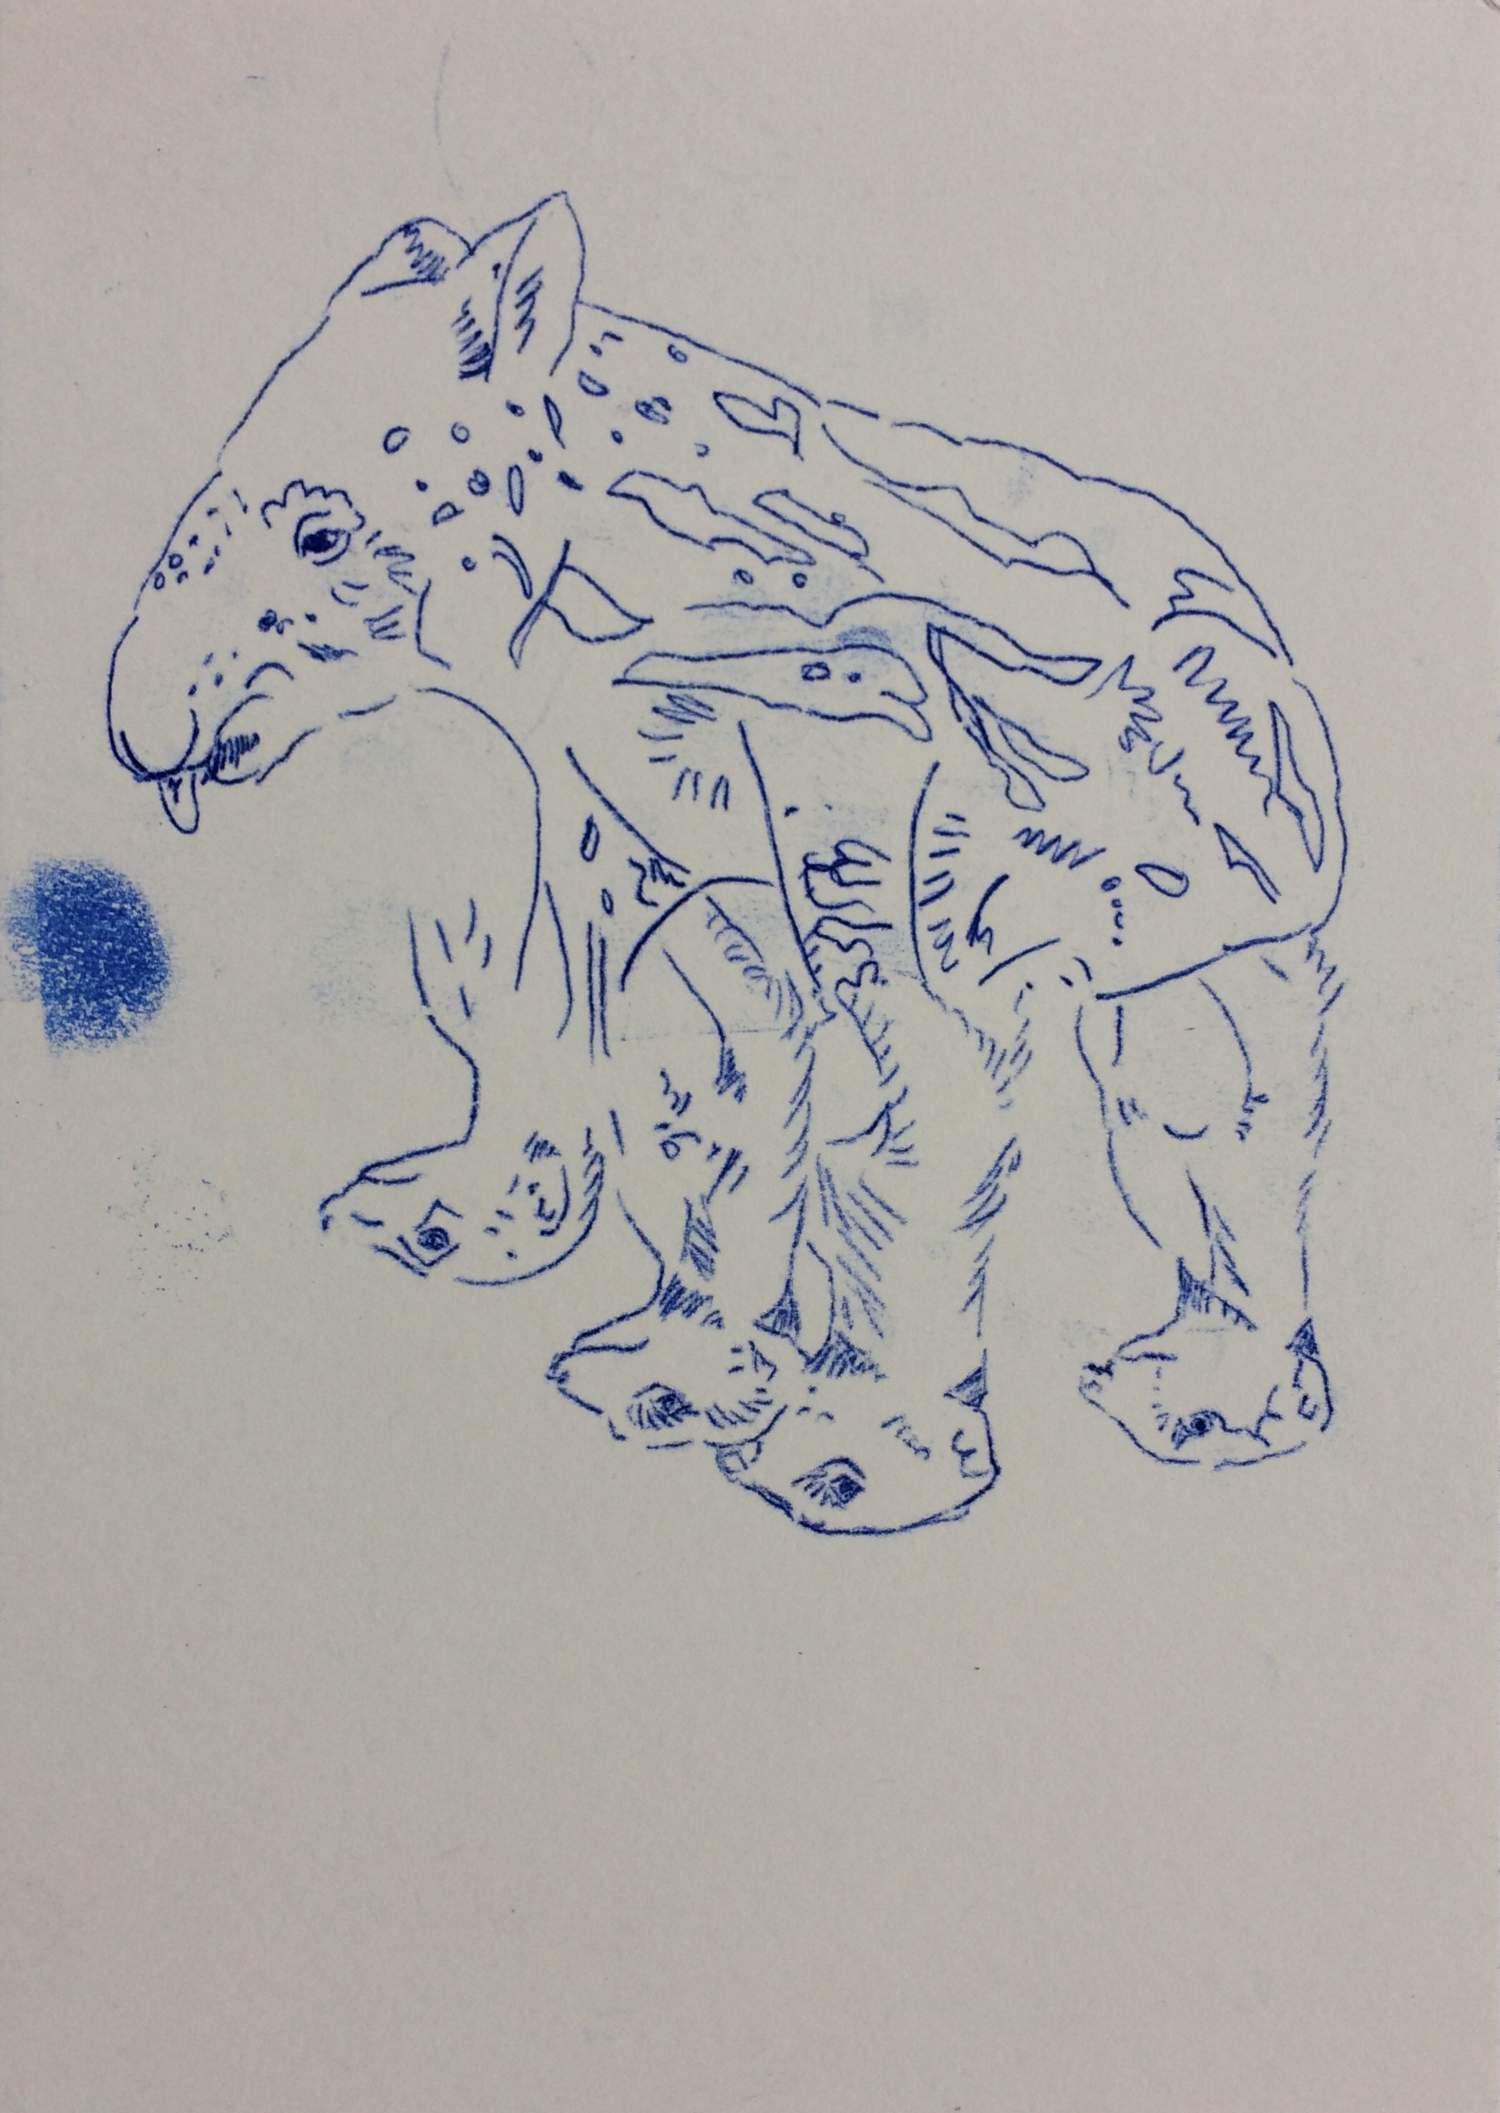 """06#2019 aus der Serie """"Plenticopy"""" Kohlepapier-Durchzeichnung auf Papier, 29,7 x 21 cm"""